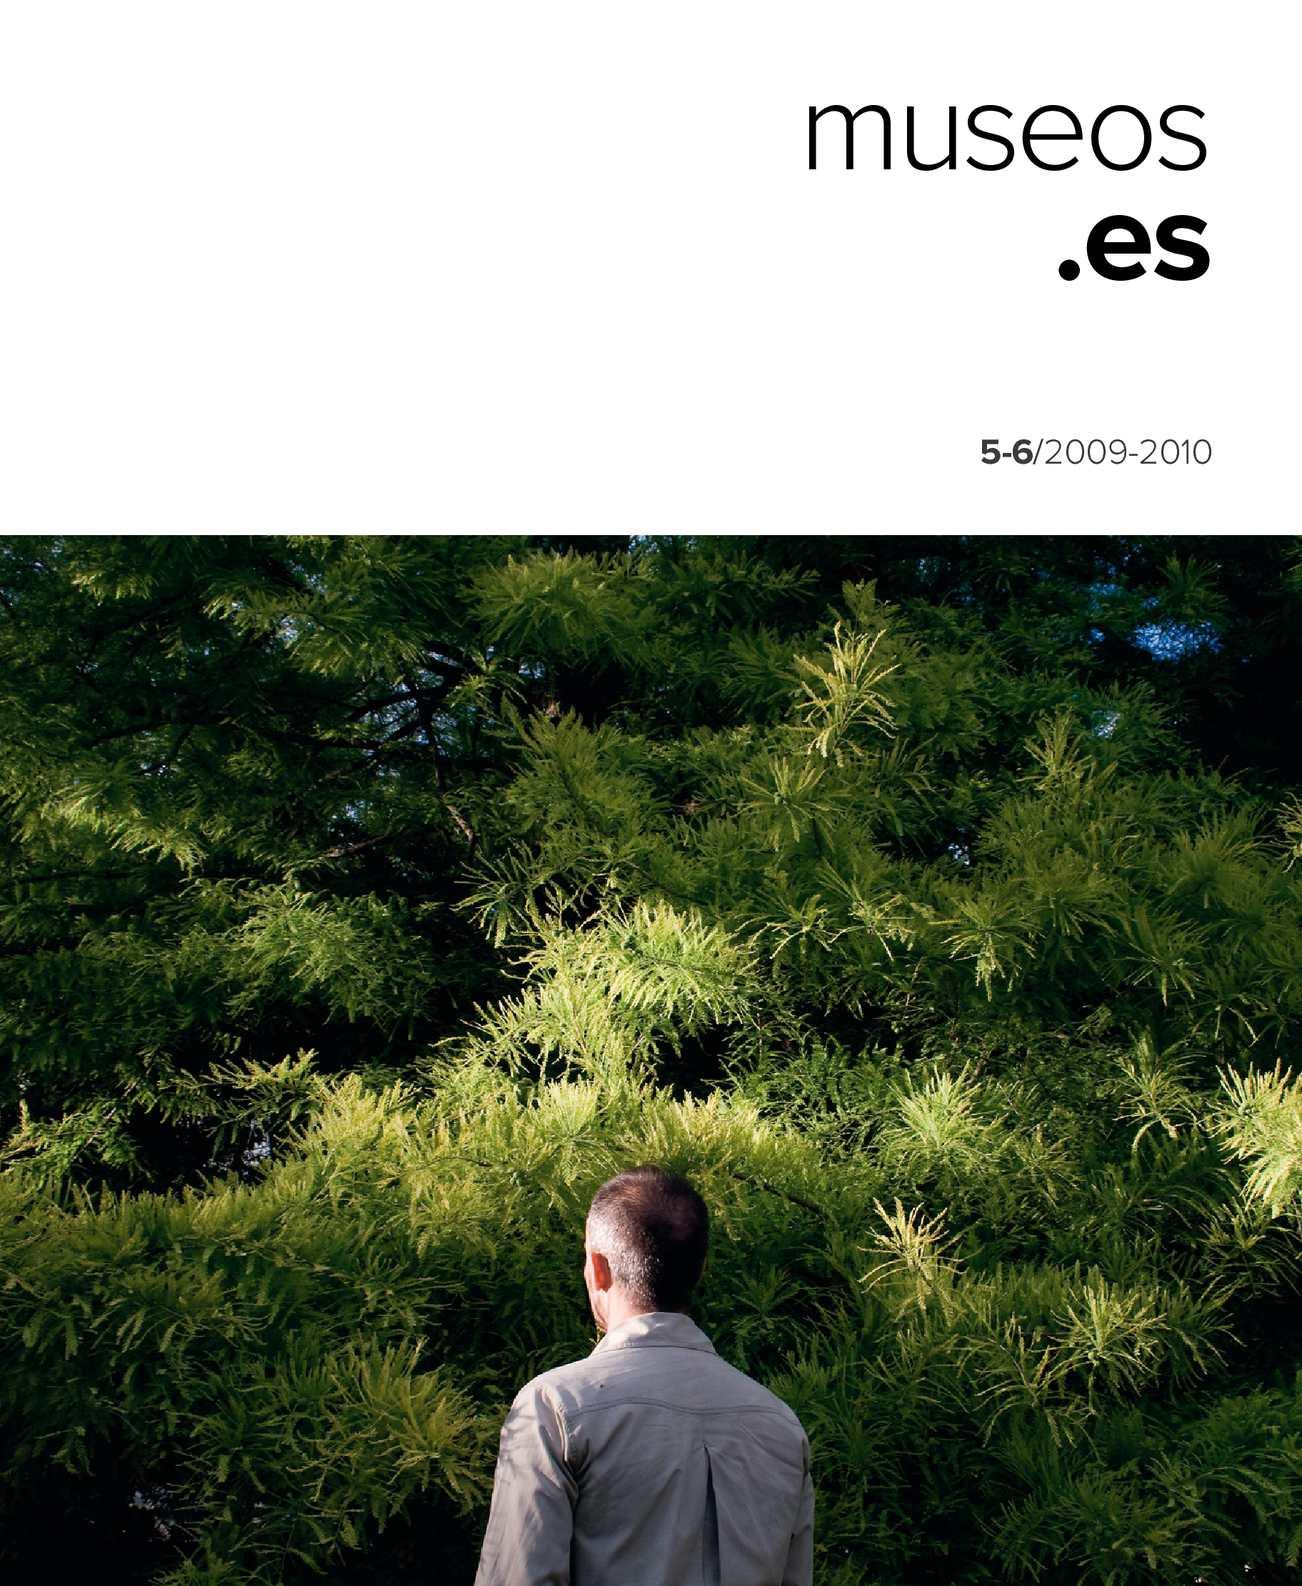 Calaméo - Museos.es nº 5-6 e5bbe2a1ee139